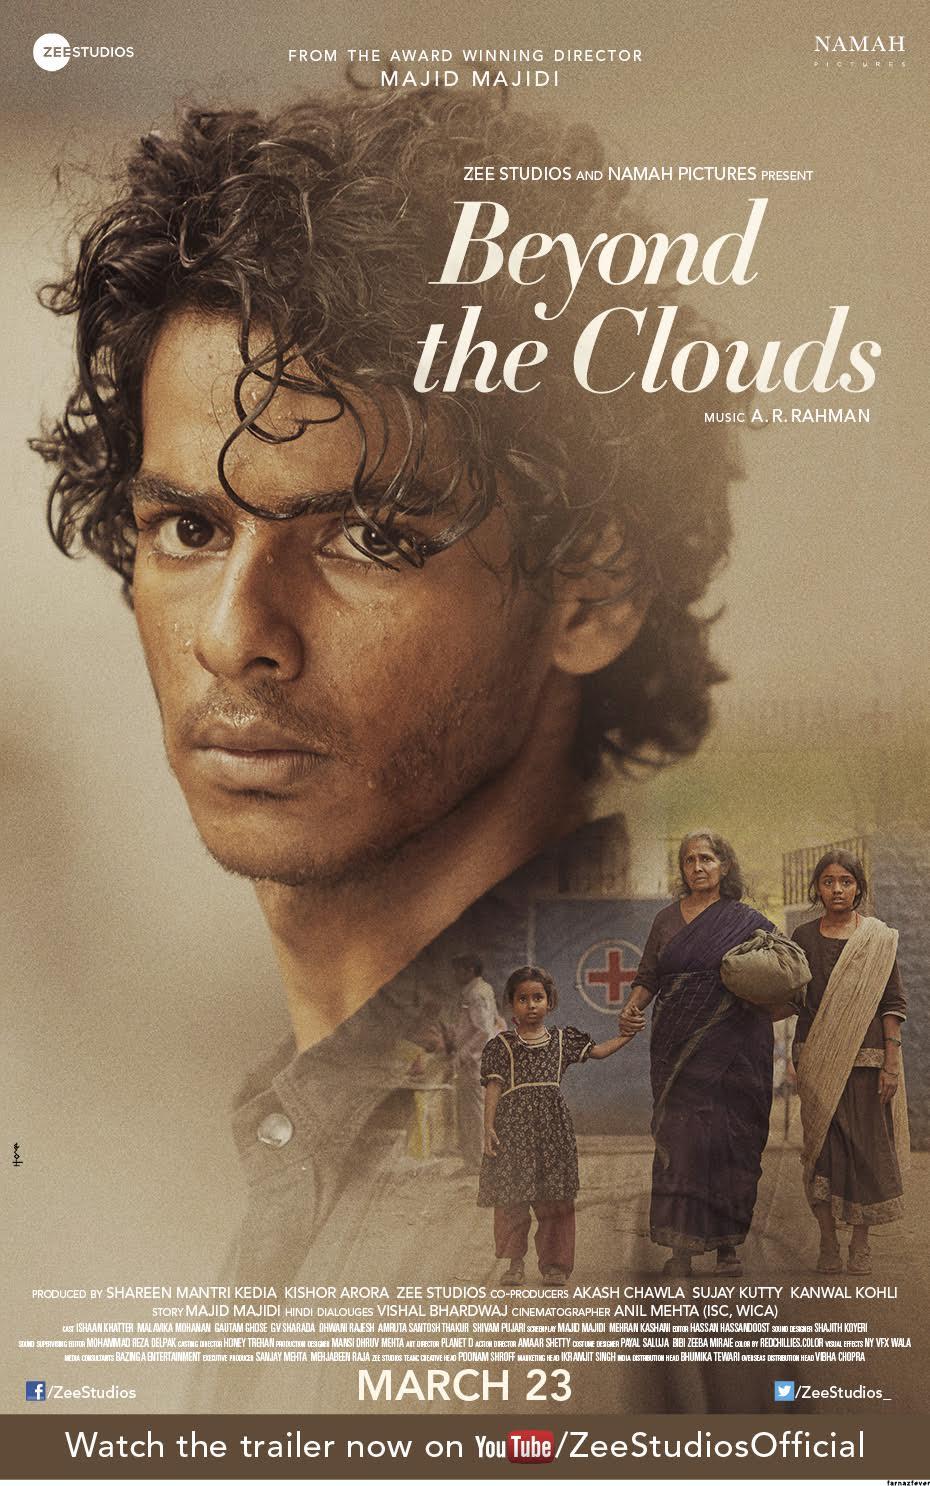 Beyond the Clouds kapak